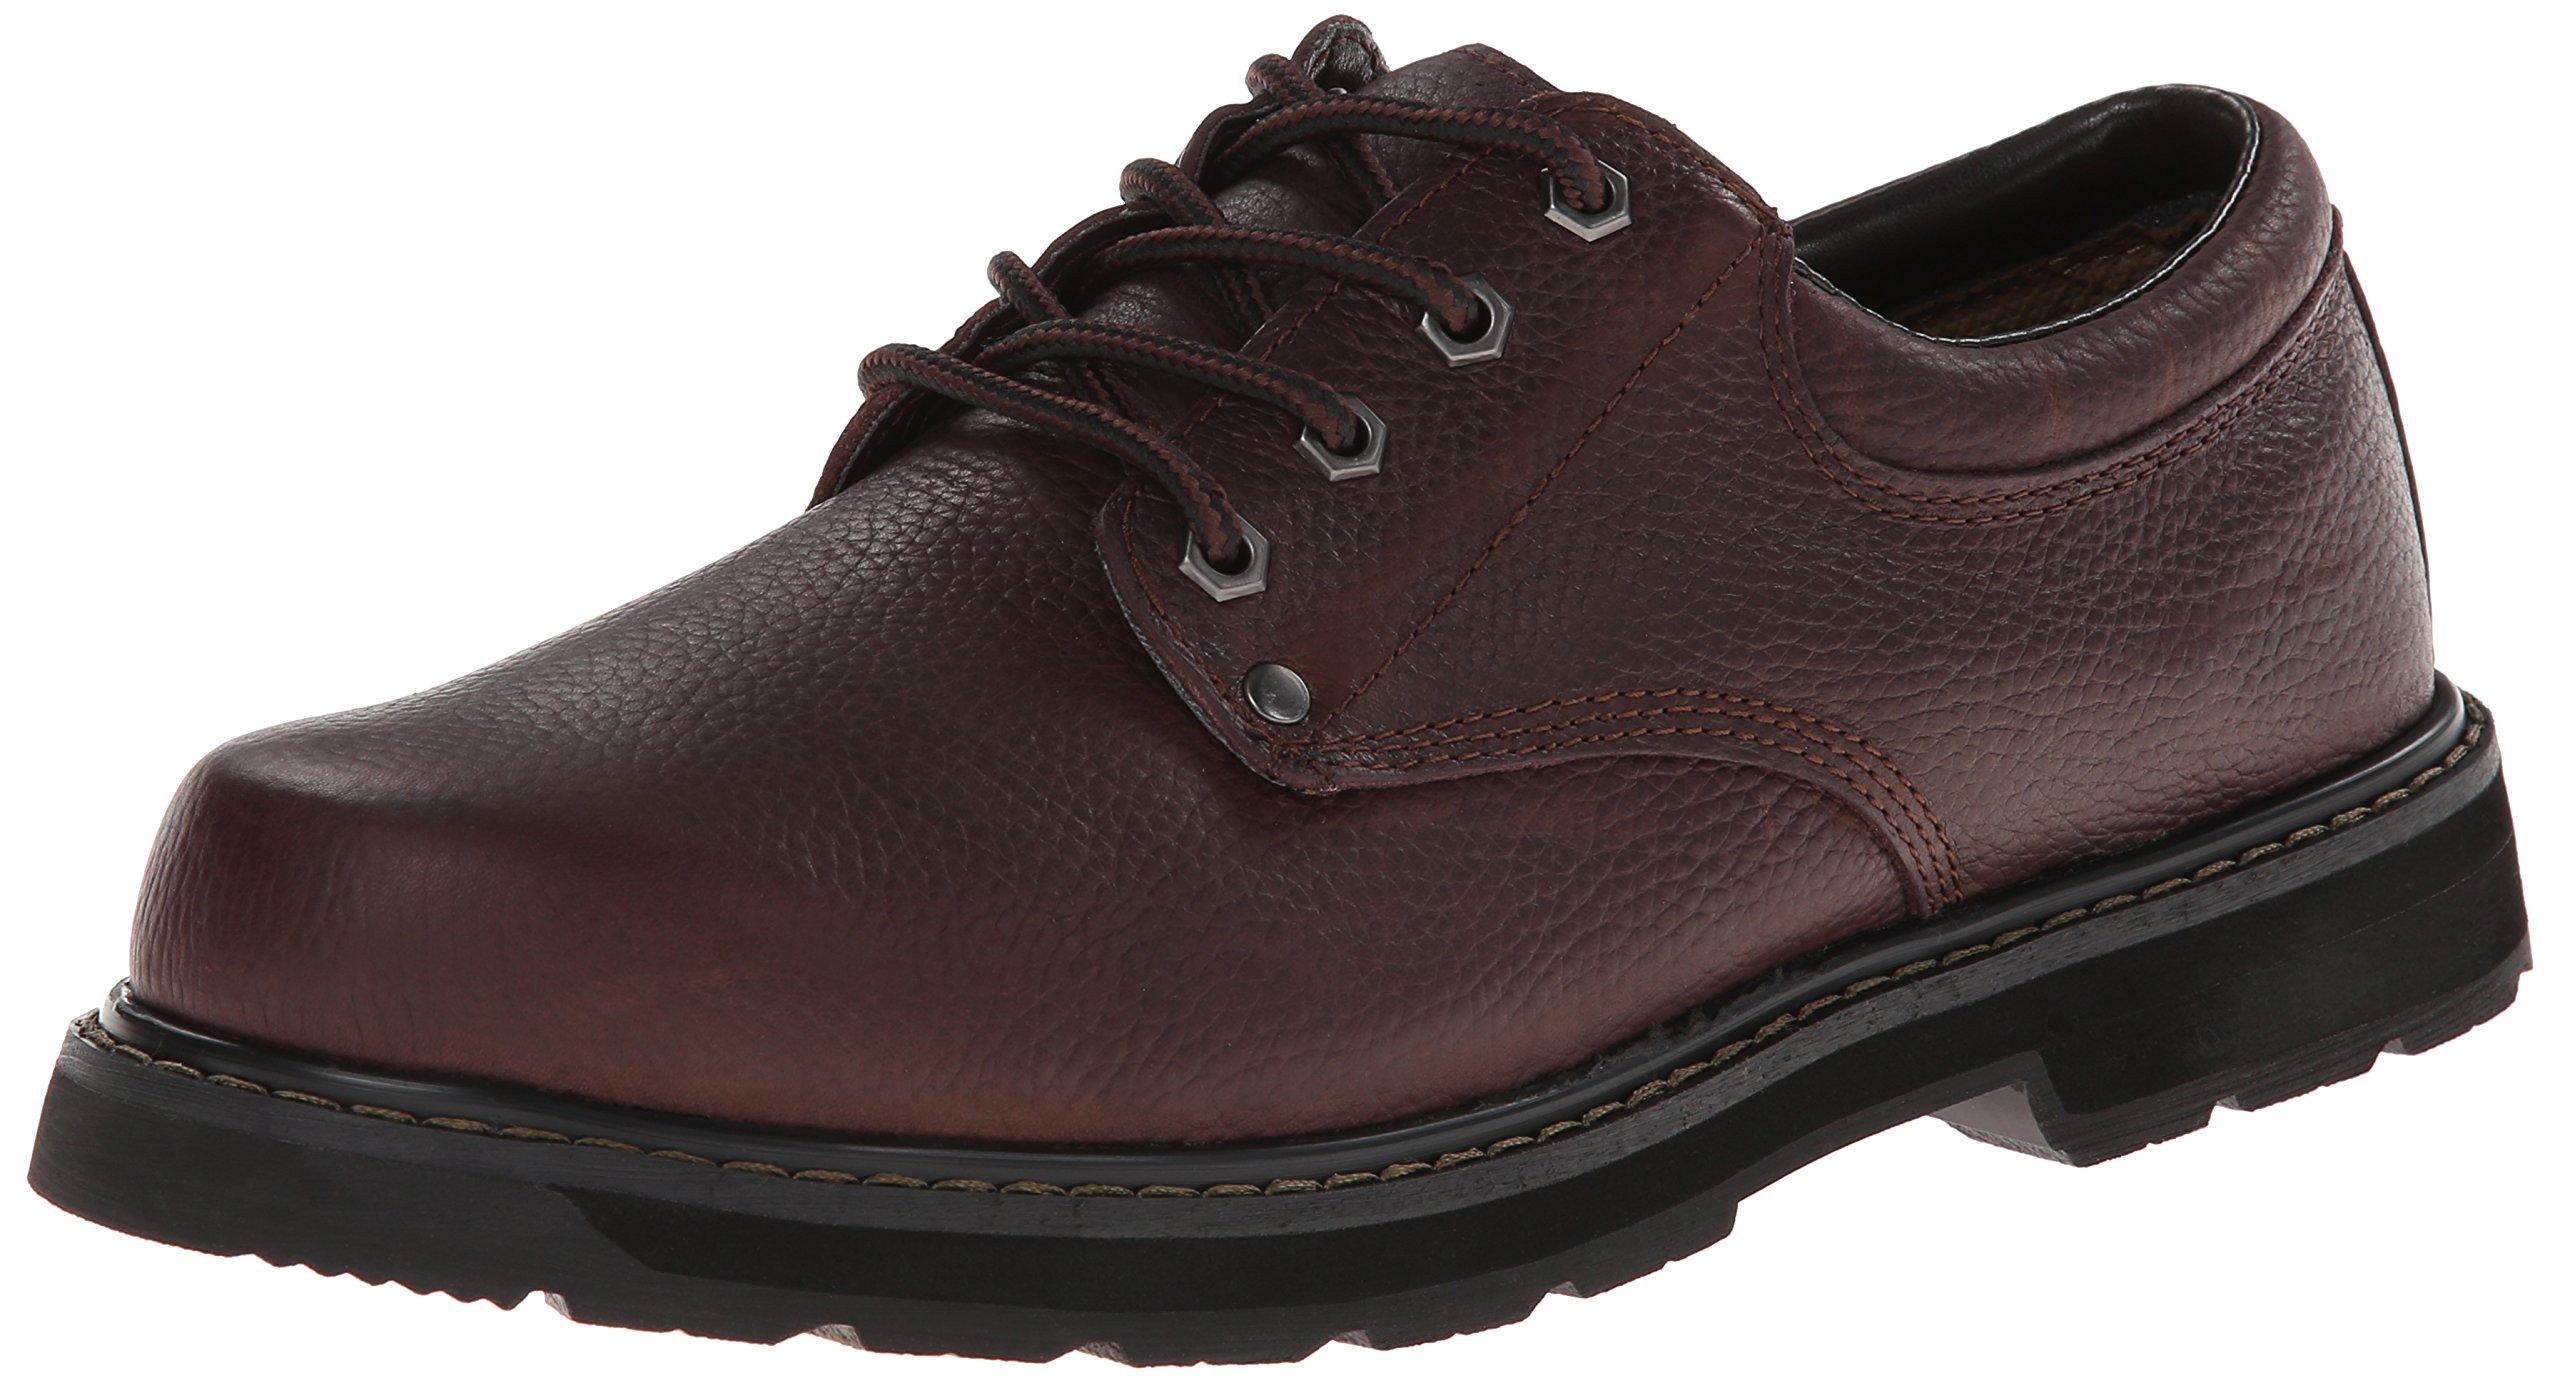 dr scholls shoes sale